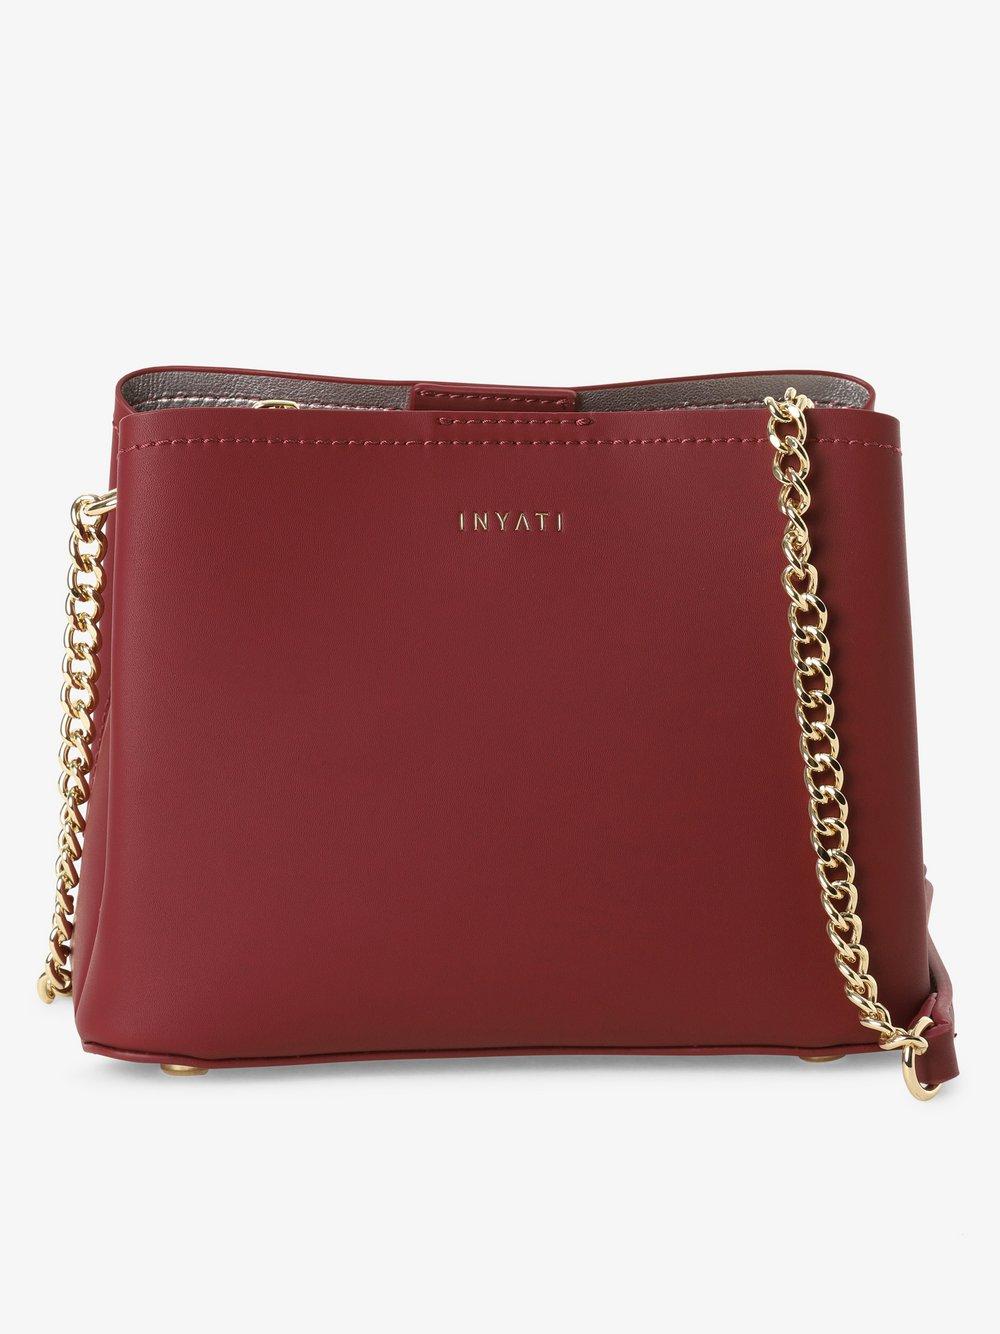 Inyati – Damska torebka na ramię, czerwony Van Graaf 442909-0001